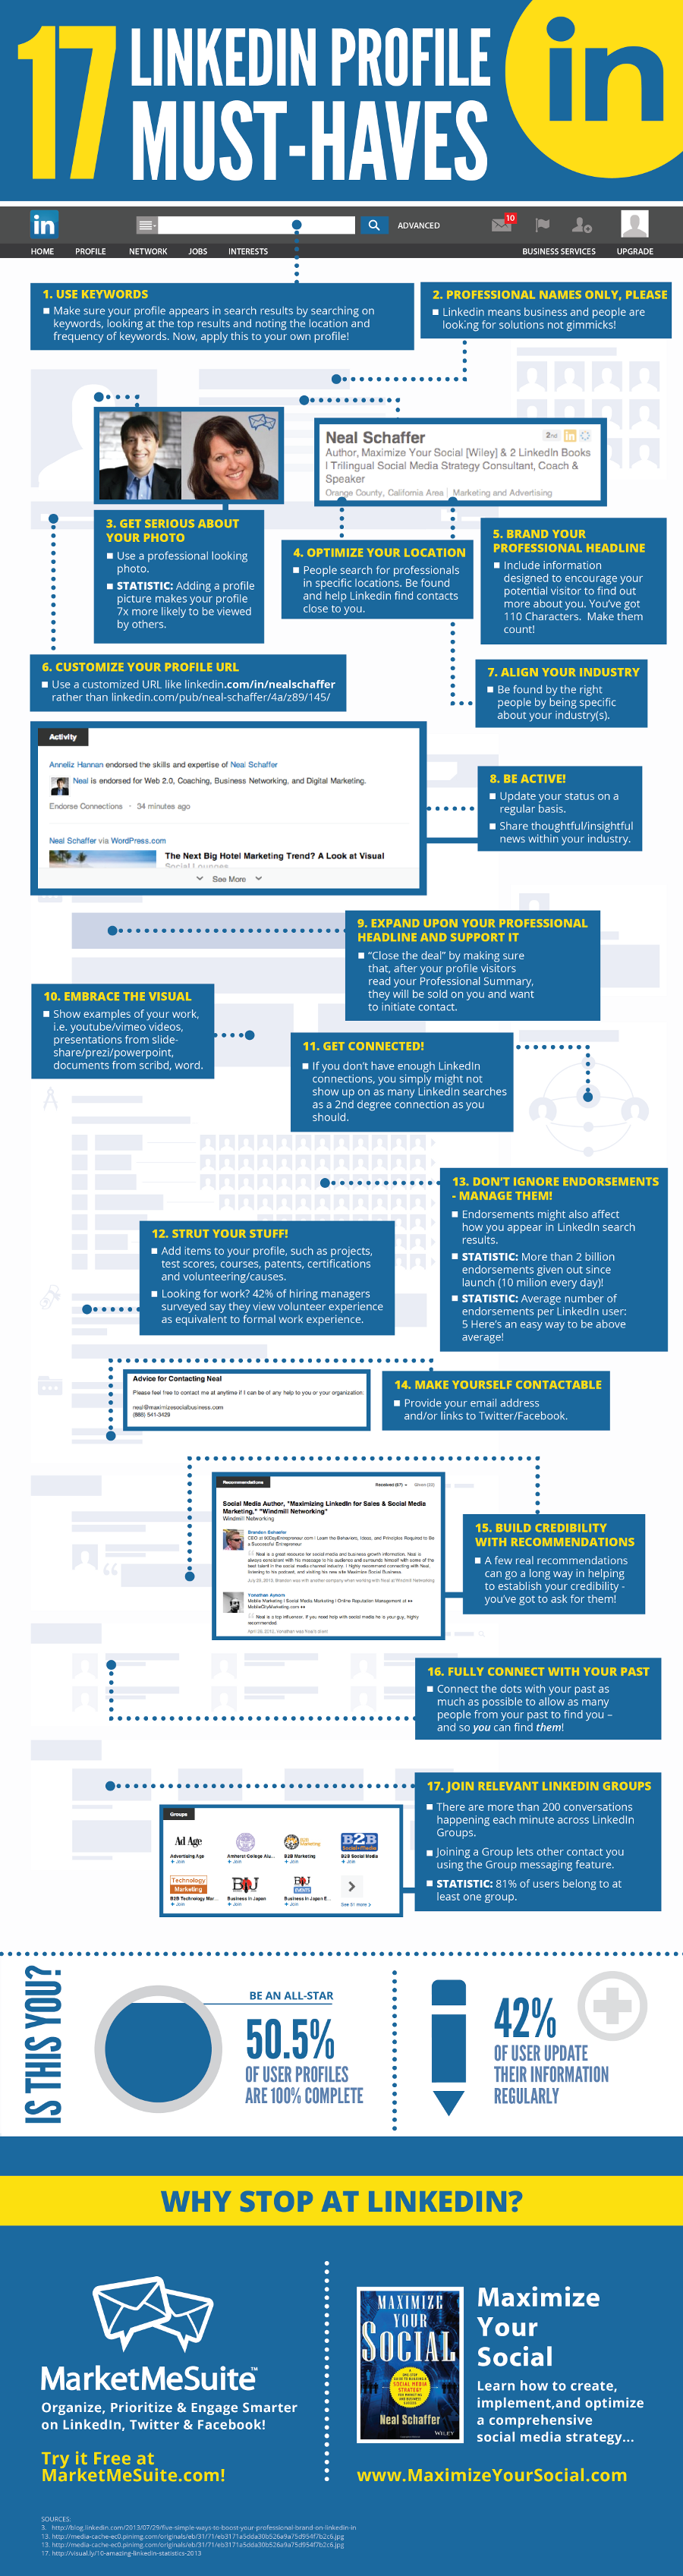 LinkedIn Profile Tips